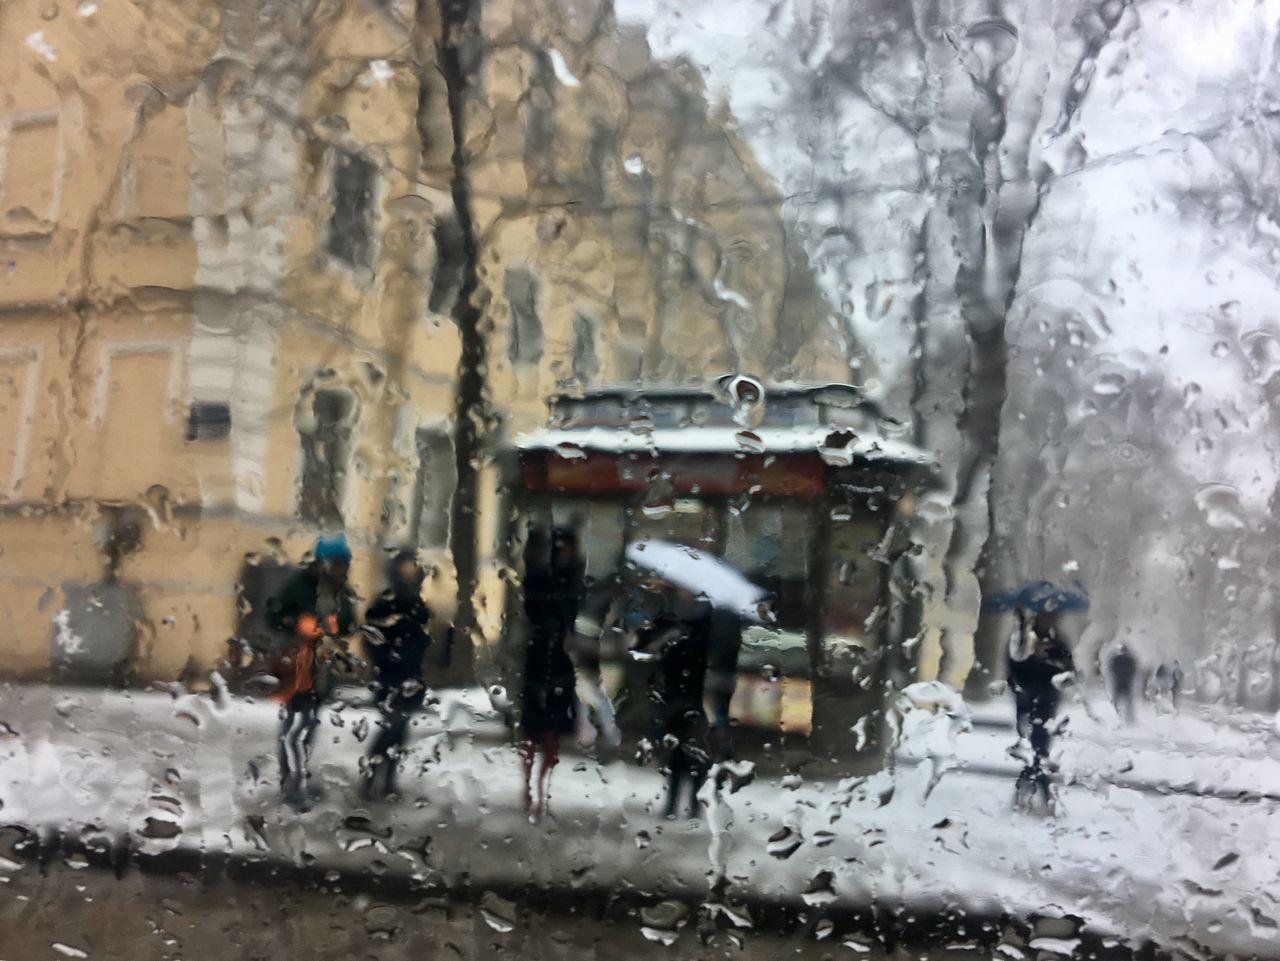 IPhone Snow sidewalk Sidewalk Sleet Falling St. PETERSBURG Russia Umbrellas Art Is Everywhere Art Is Everywhere Art Is Everywhere BYOPaper!